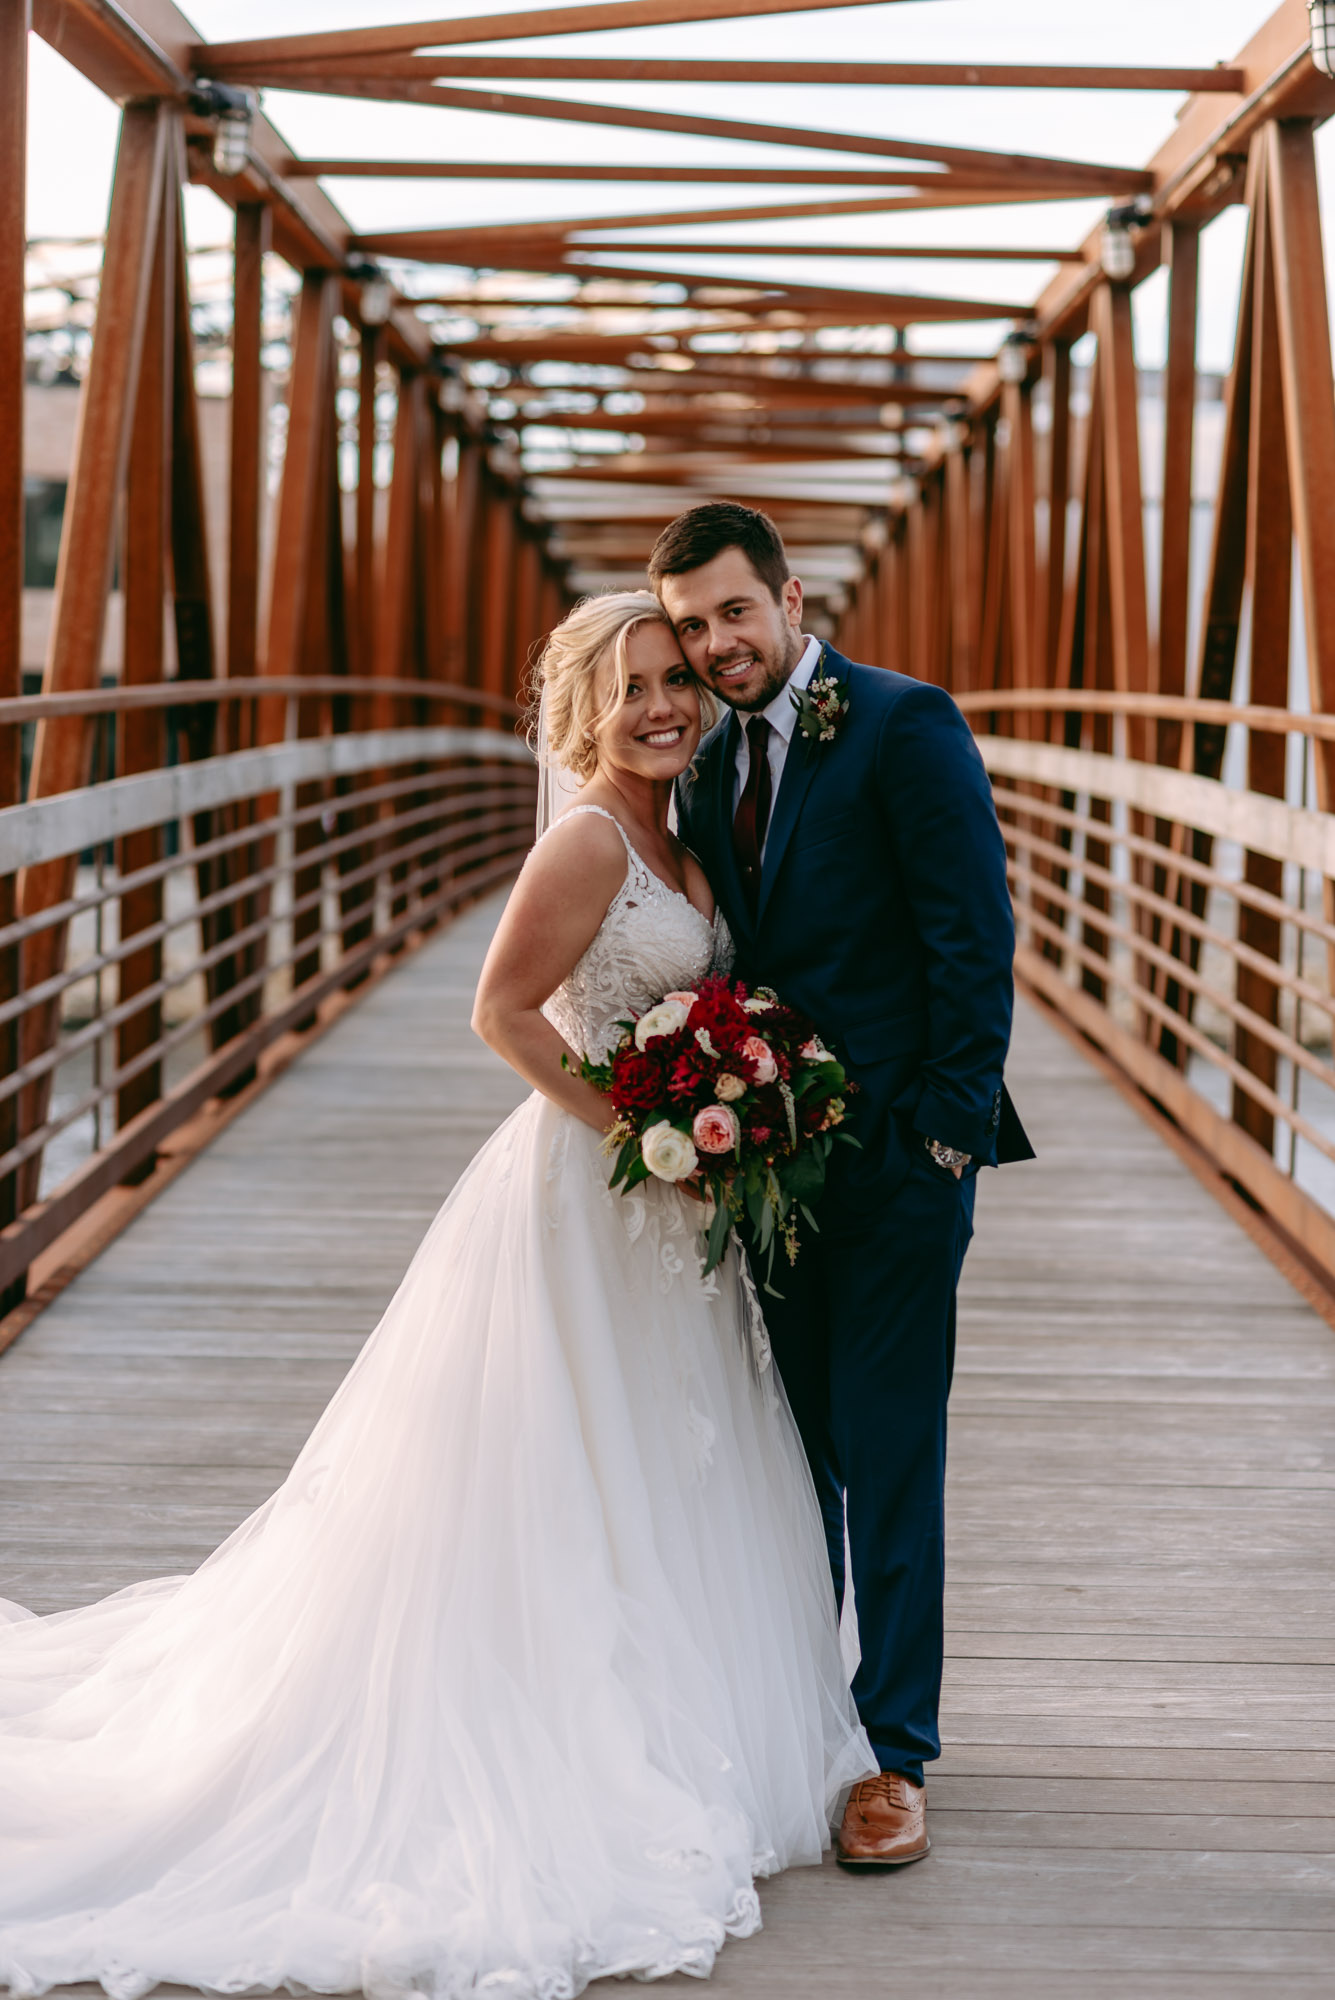 Rockford-IL-wedding-photographers-1-14.jpg